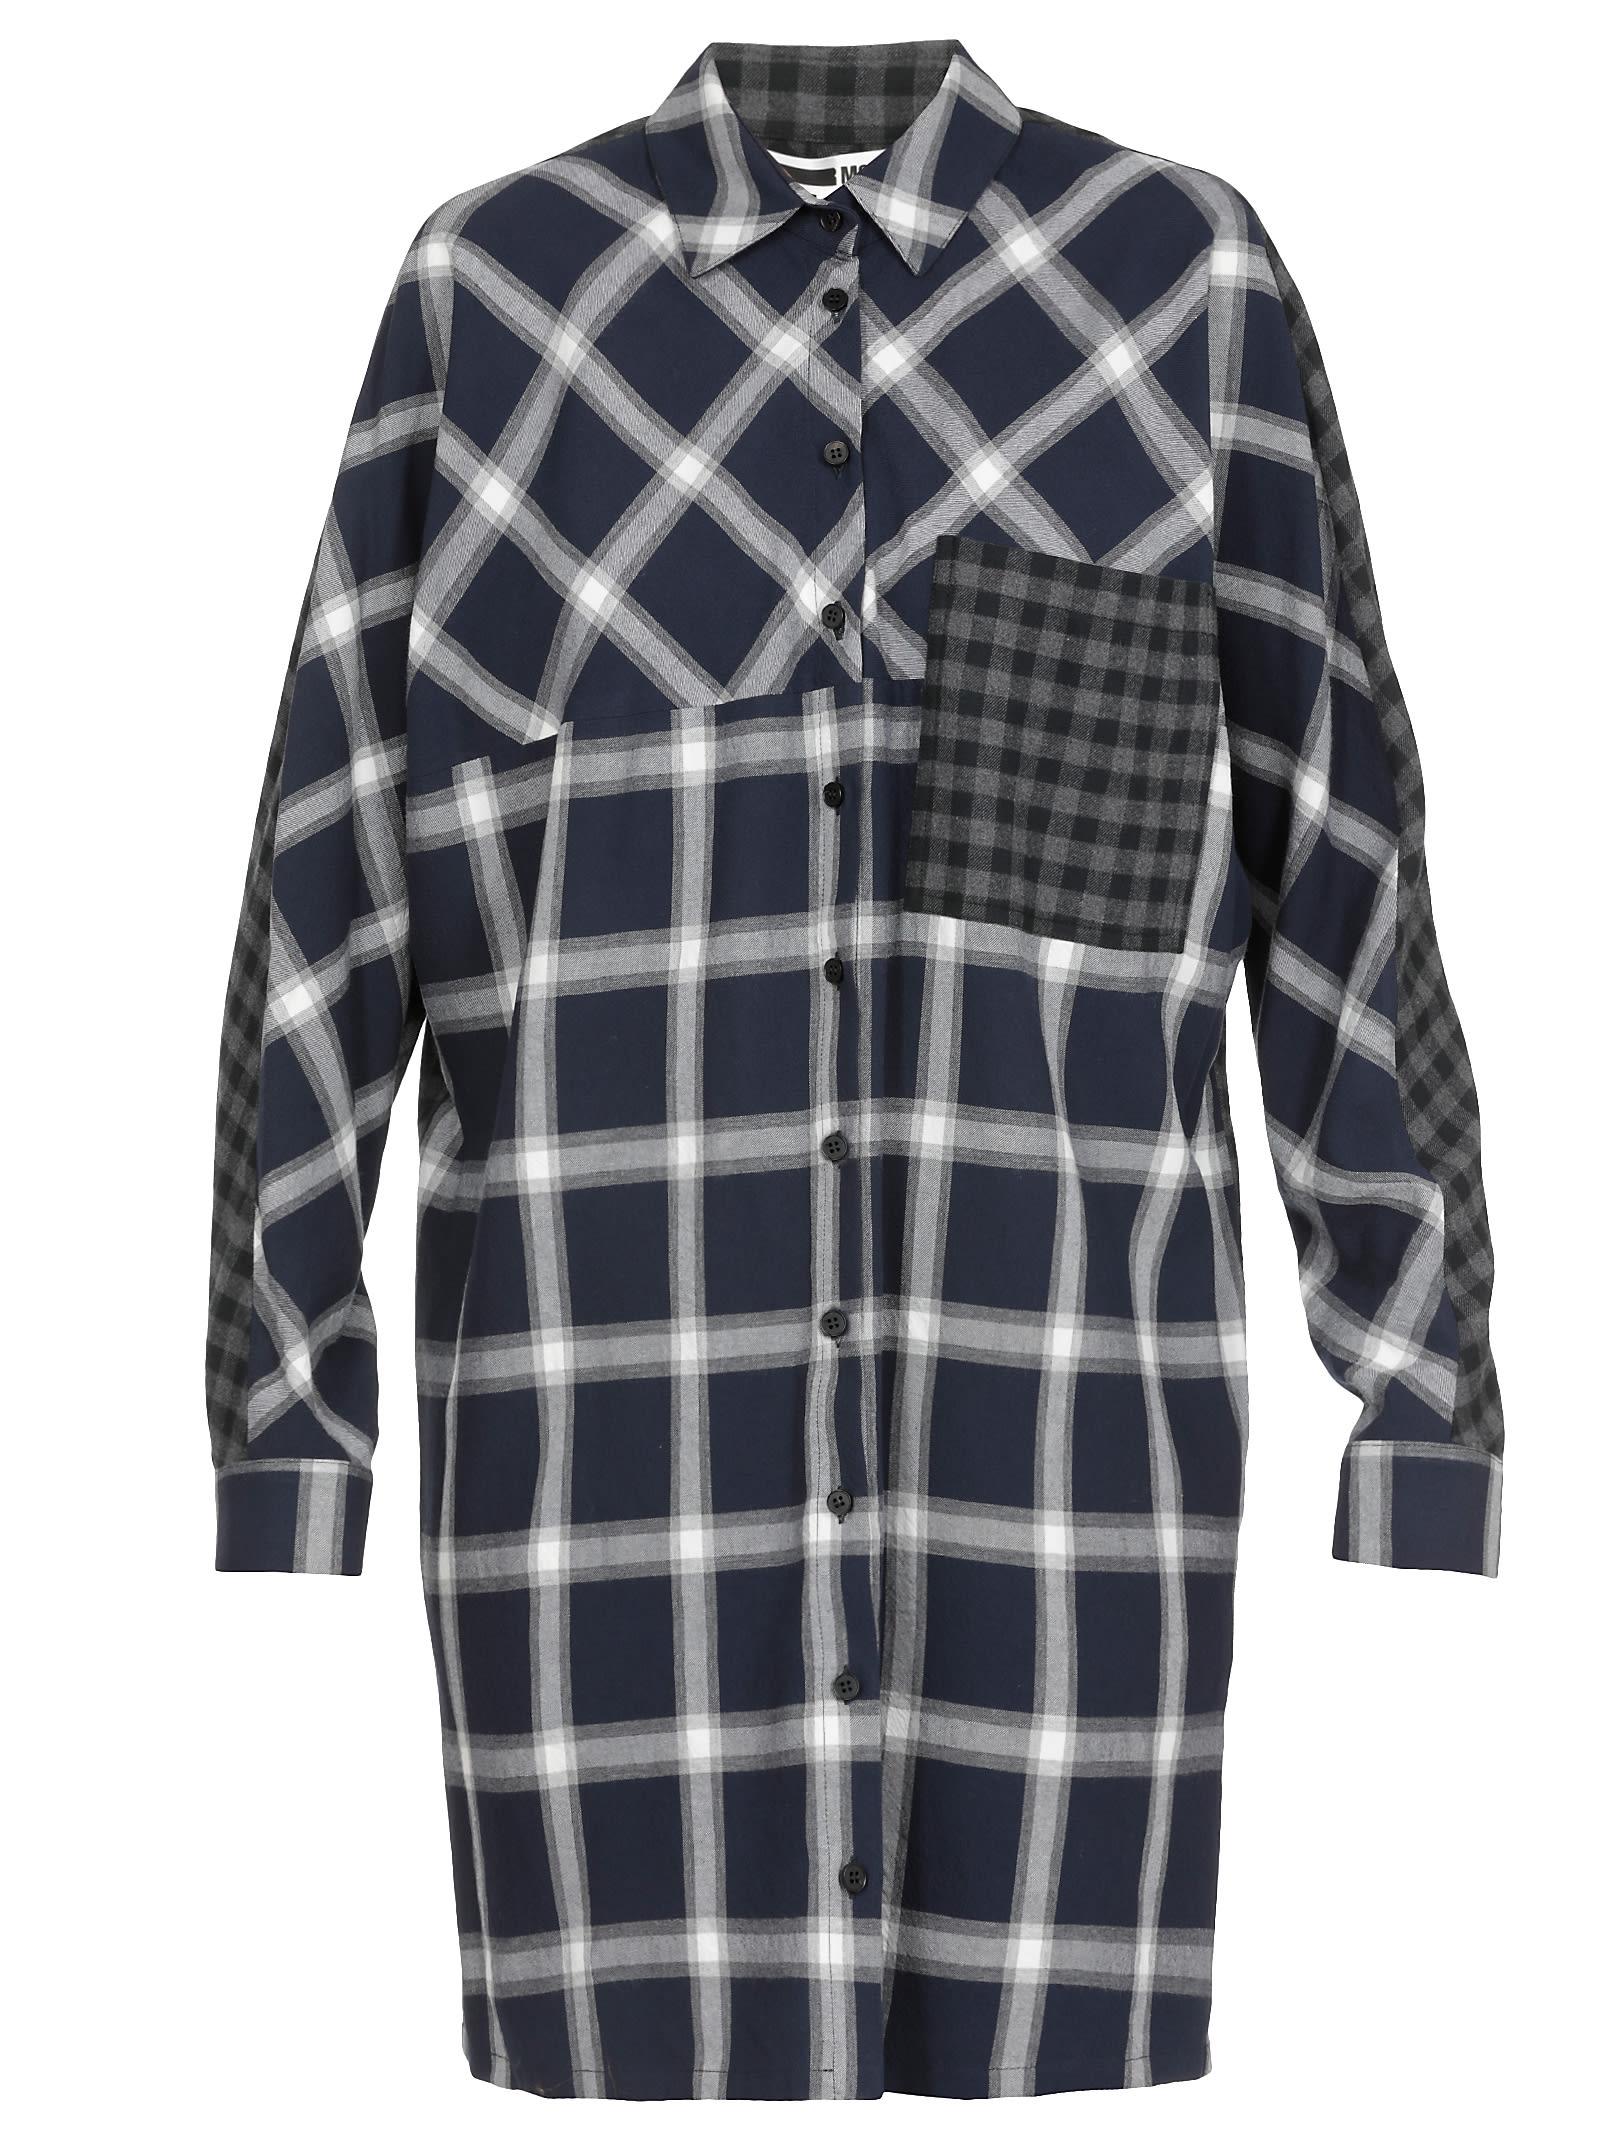 McQ Alexander McQueen Wool Blend Dress